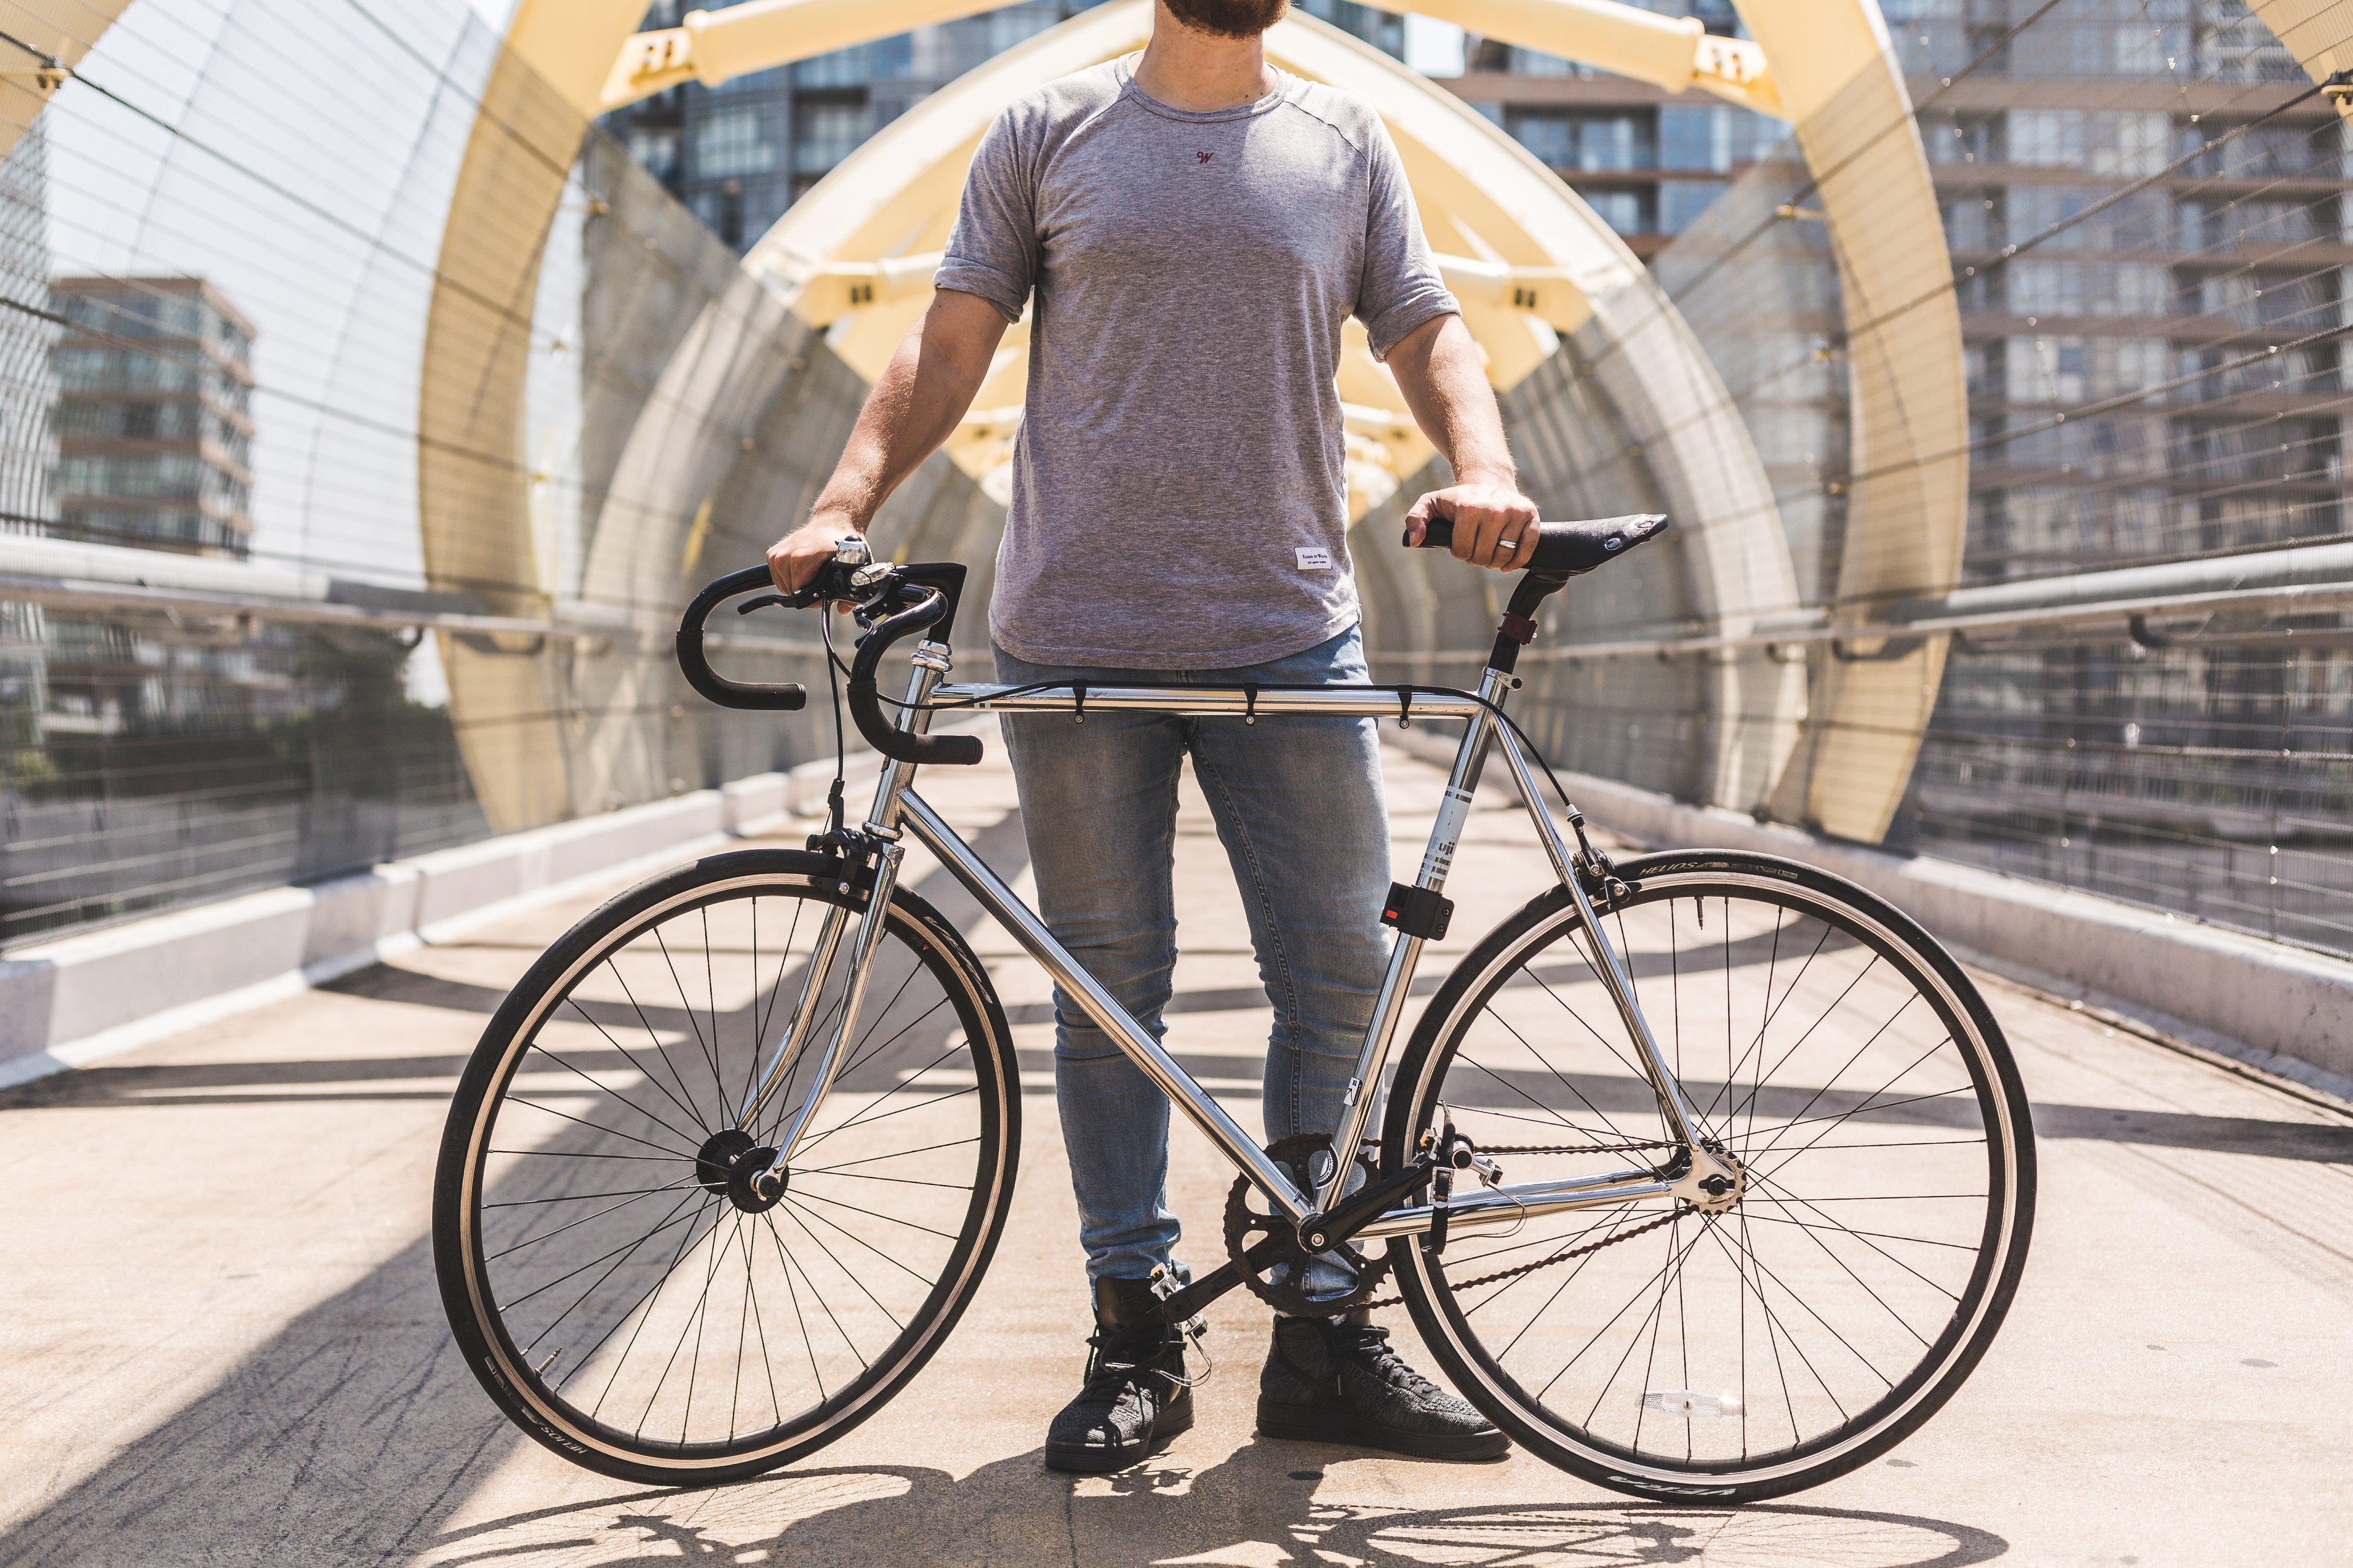 Étude sémantique : l'univers des vélos en France